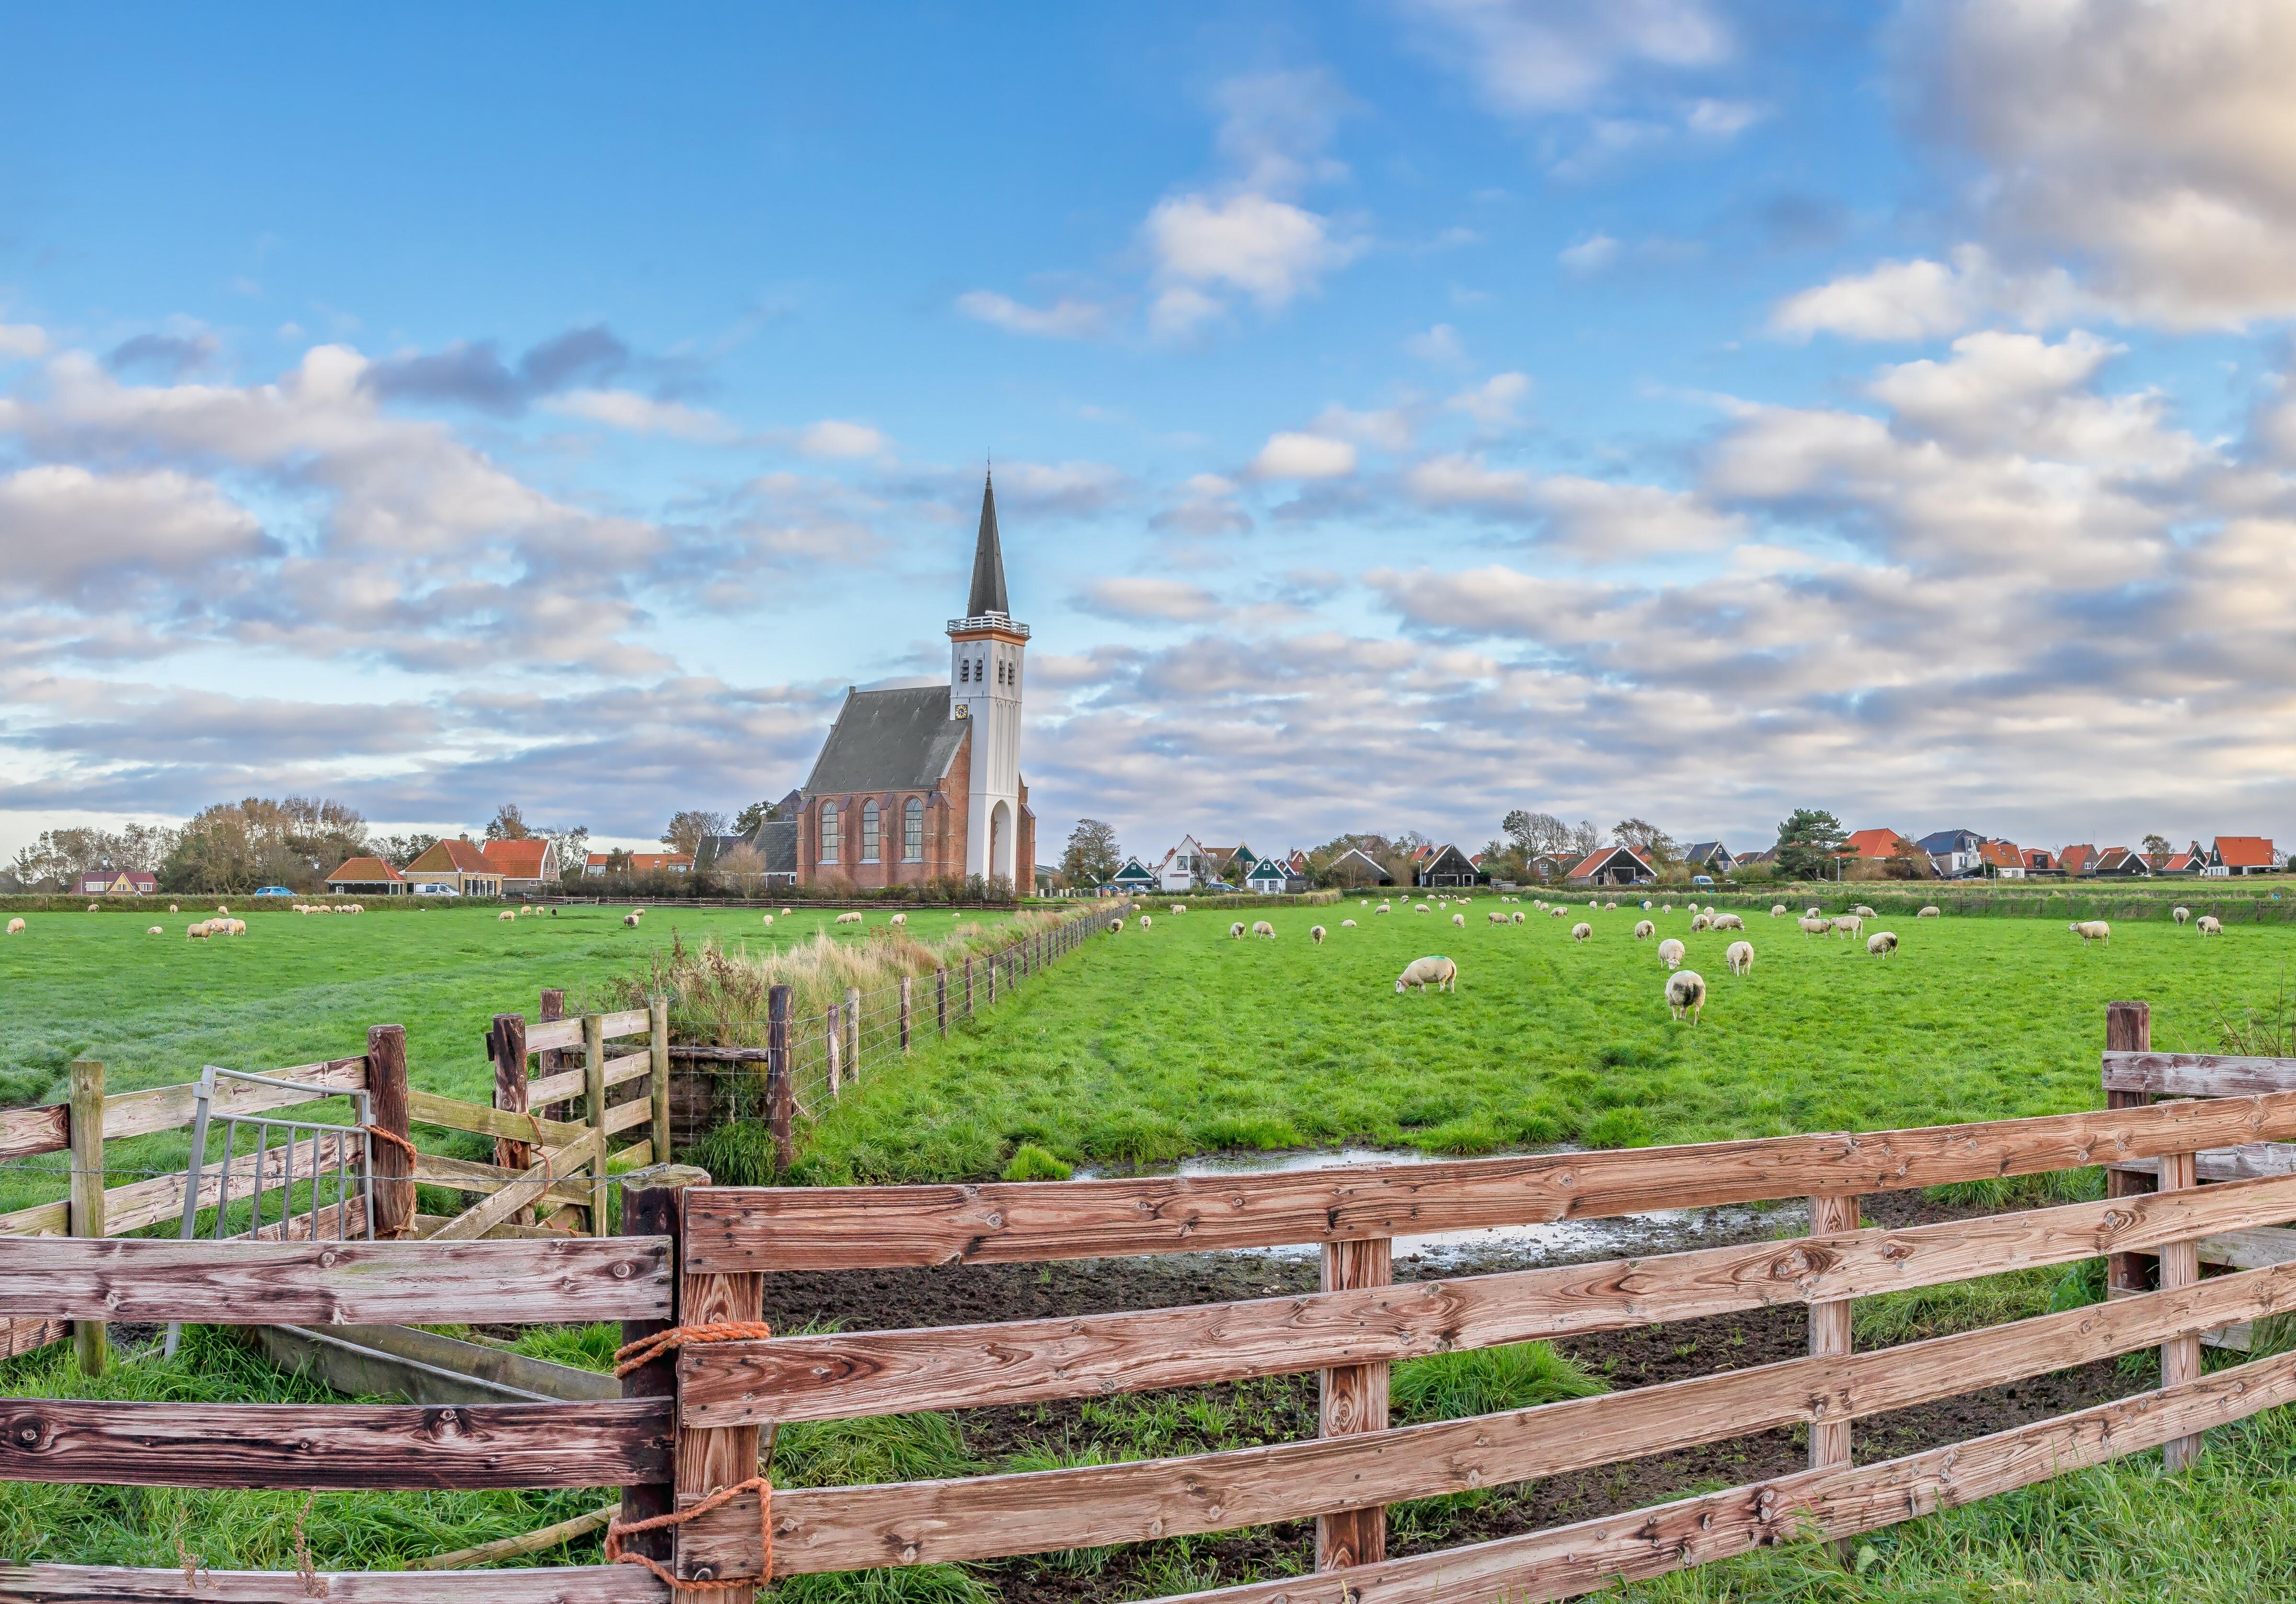 Landschap met kerk bij Den Hoorn VVV Texel fotograaf Justin Sinner